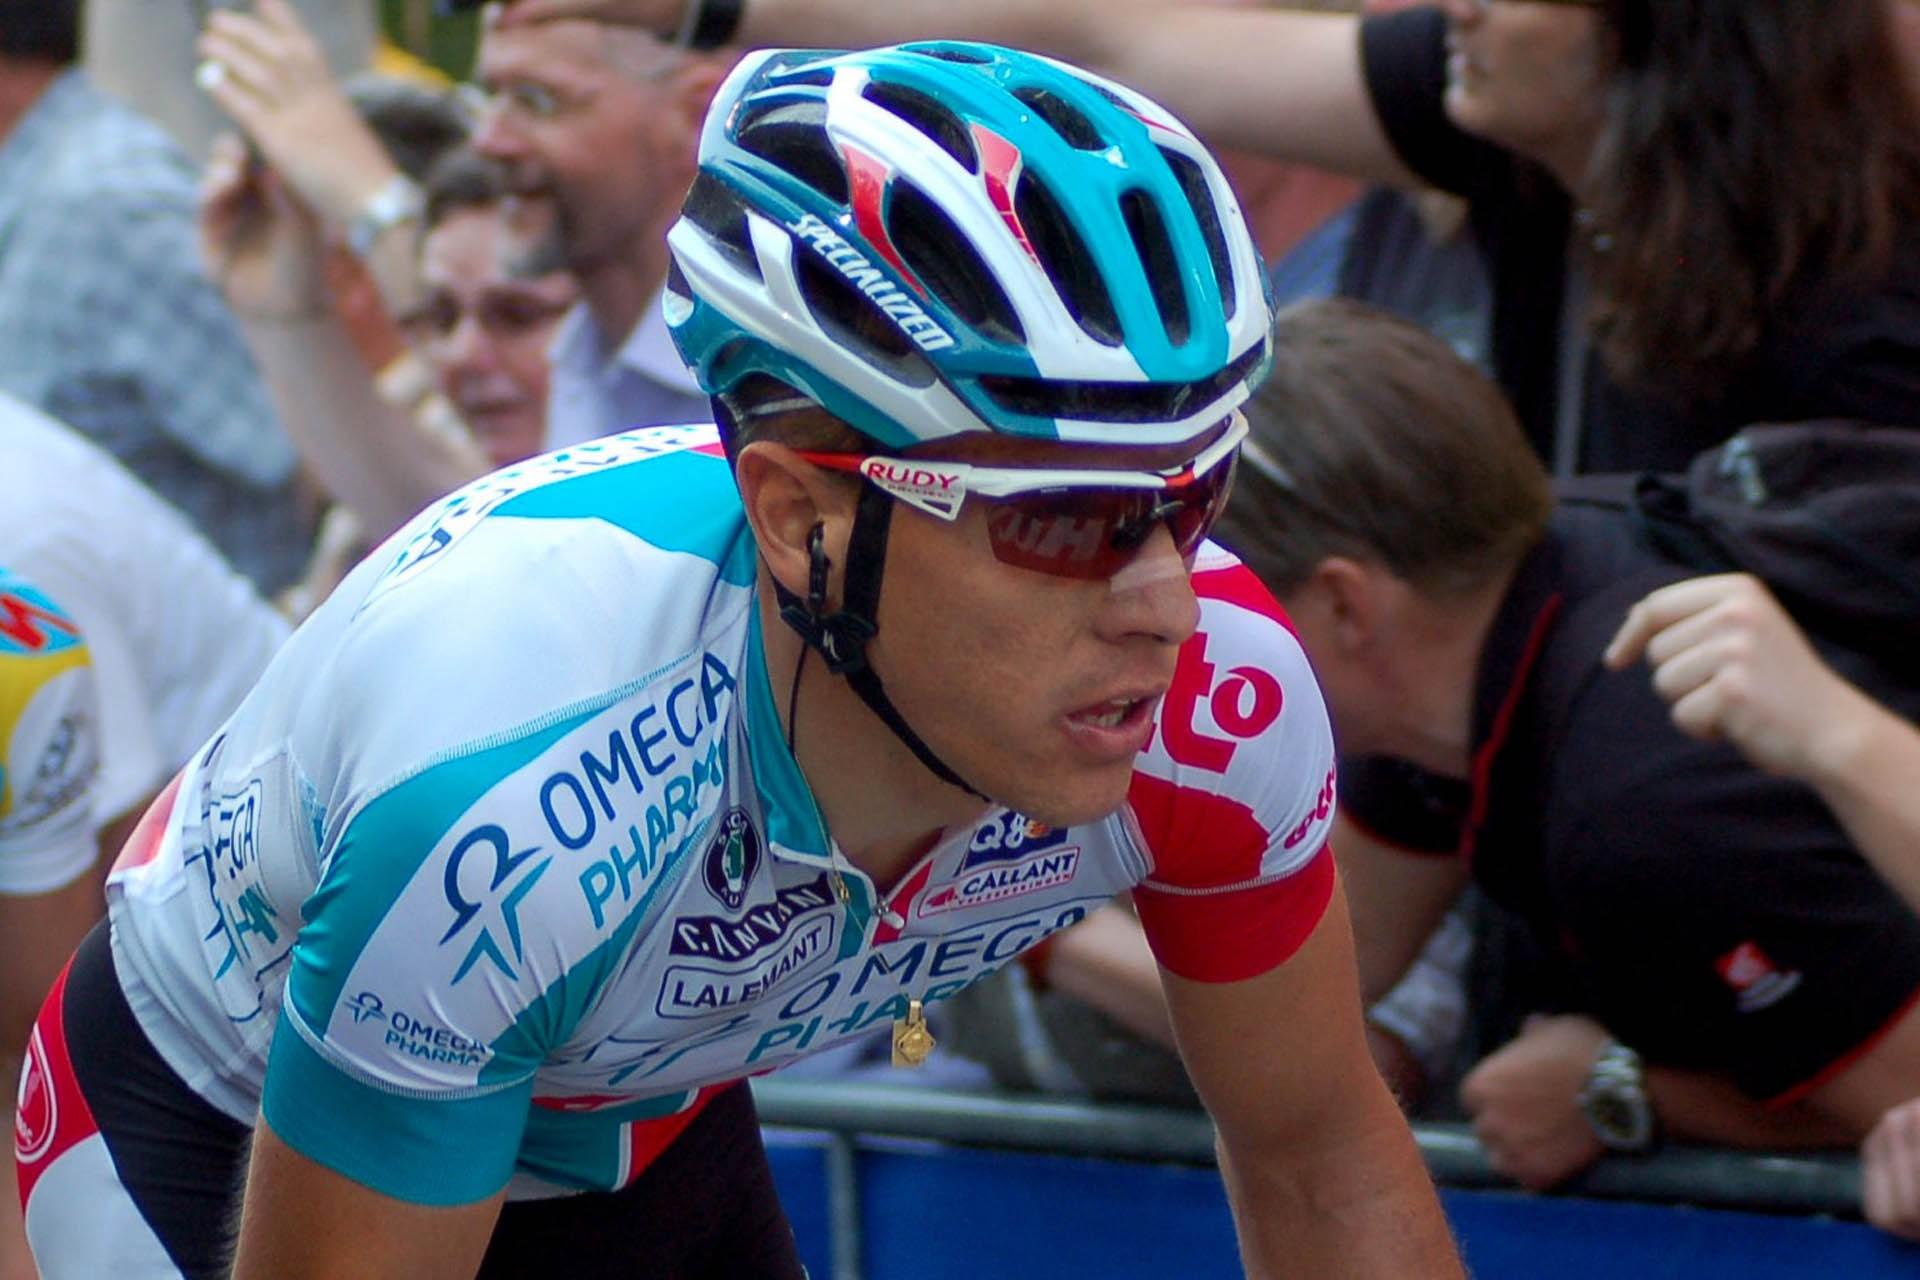 Sportifs célèbres nés en province de Liège - Philippe Gilbert